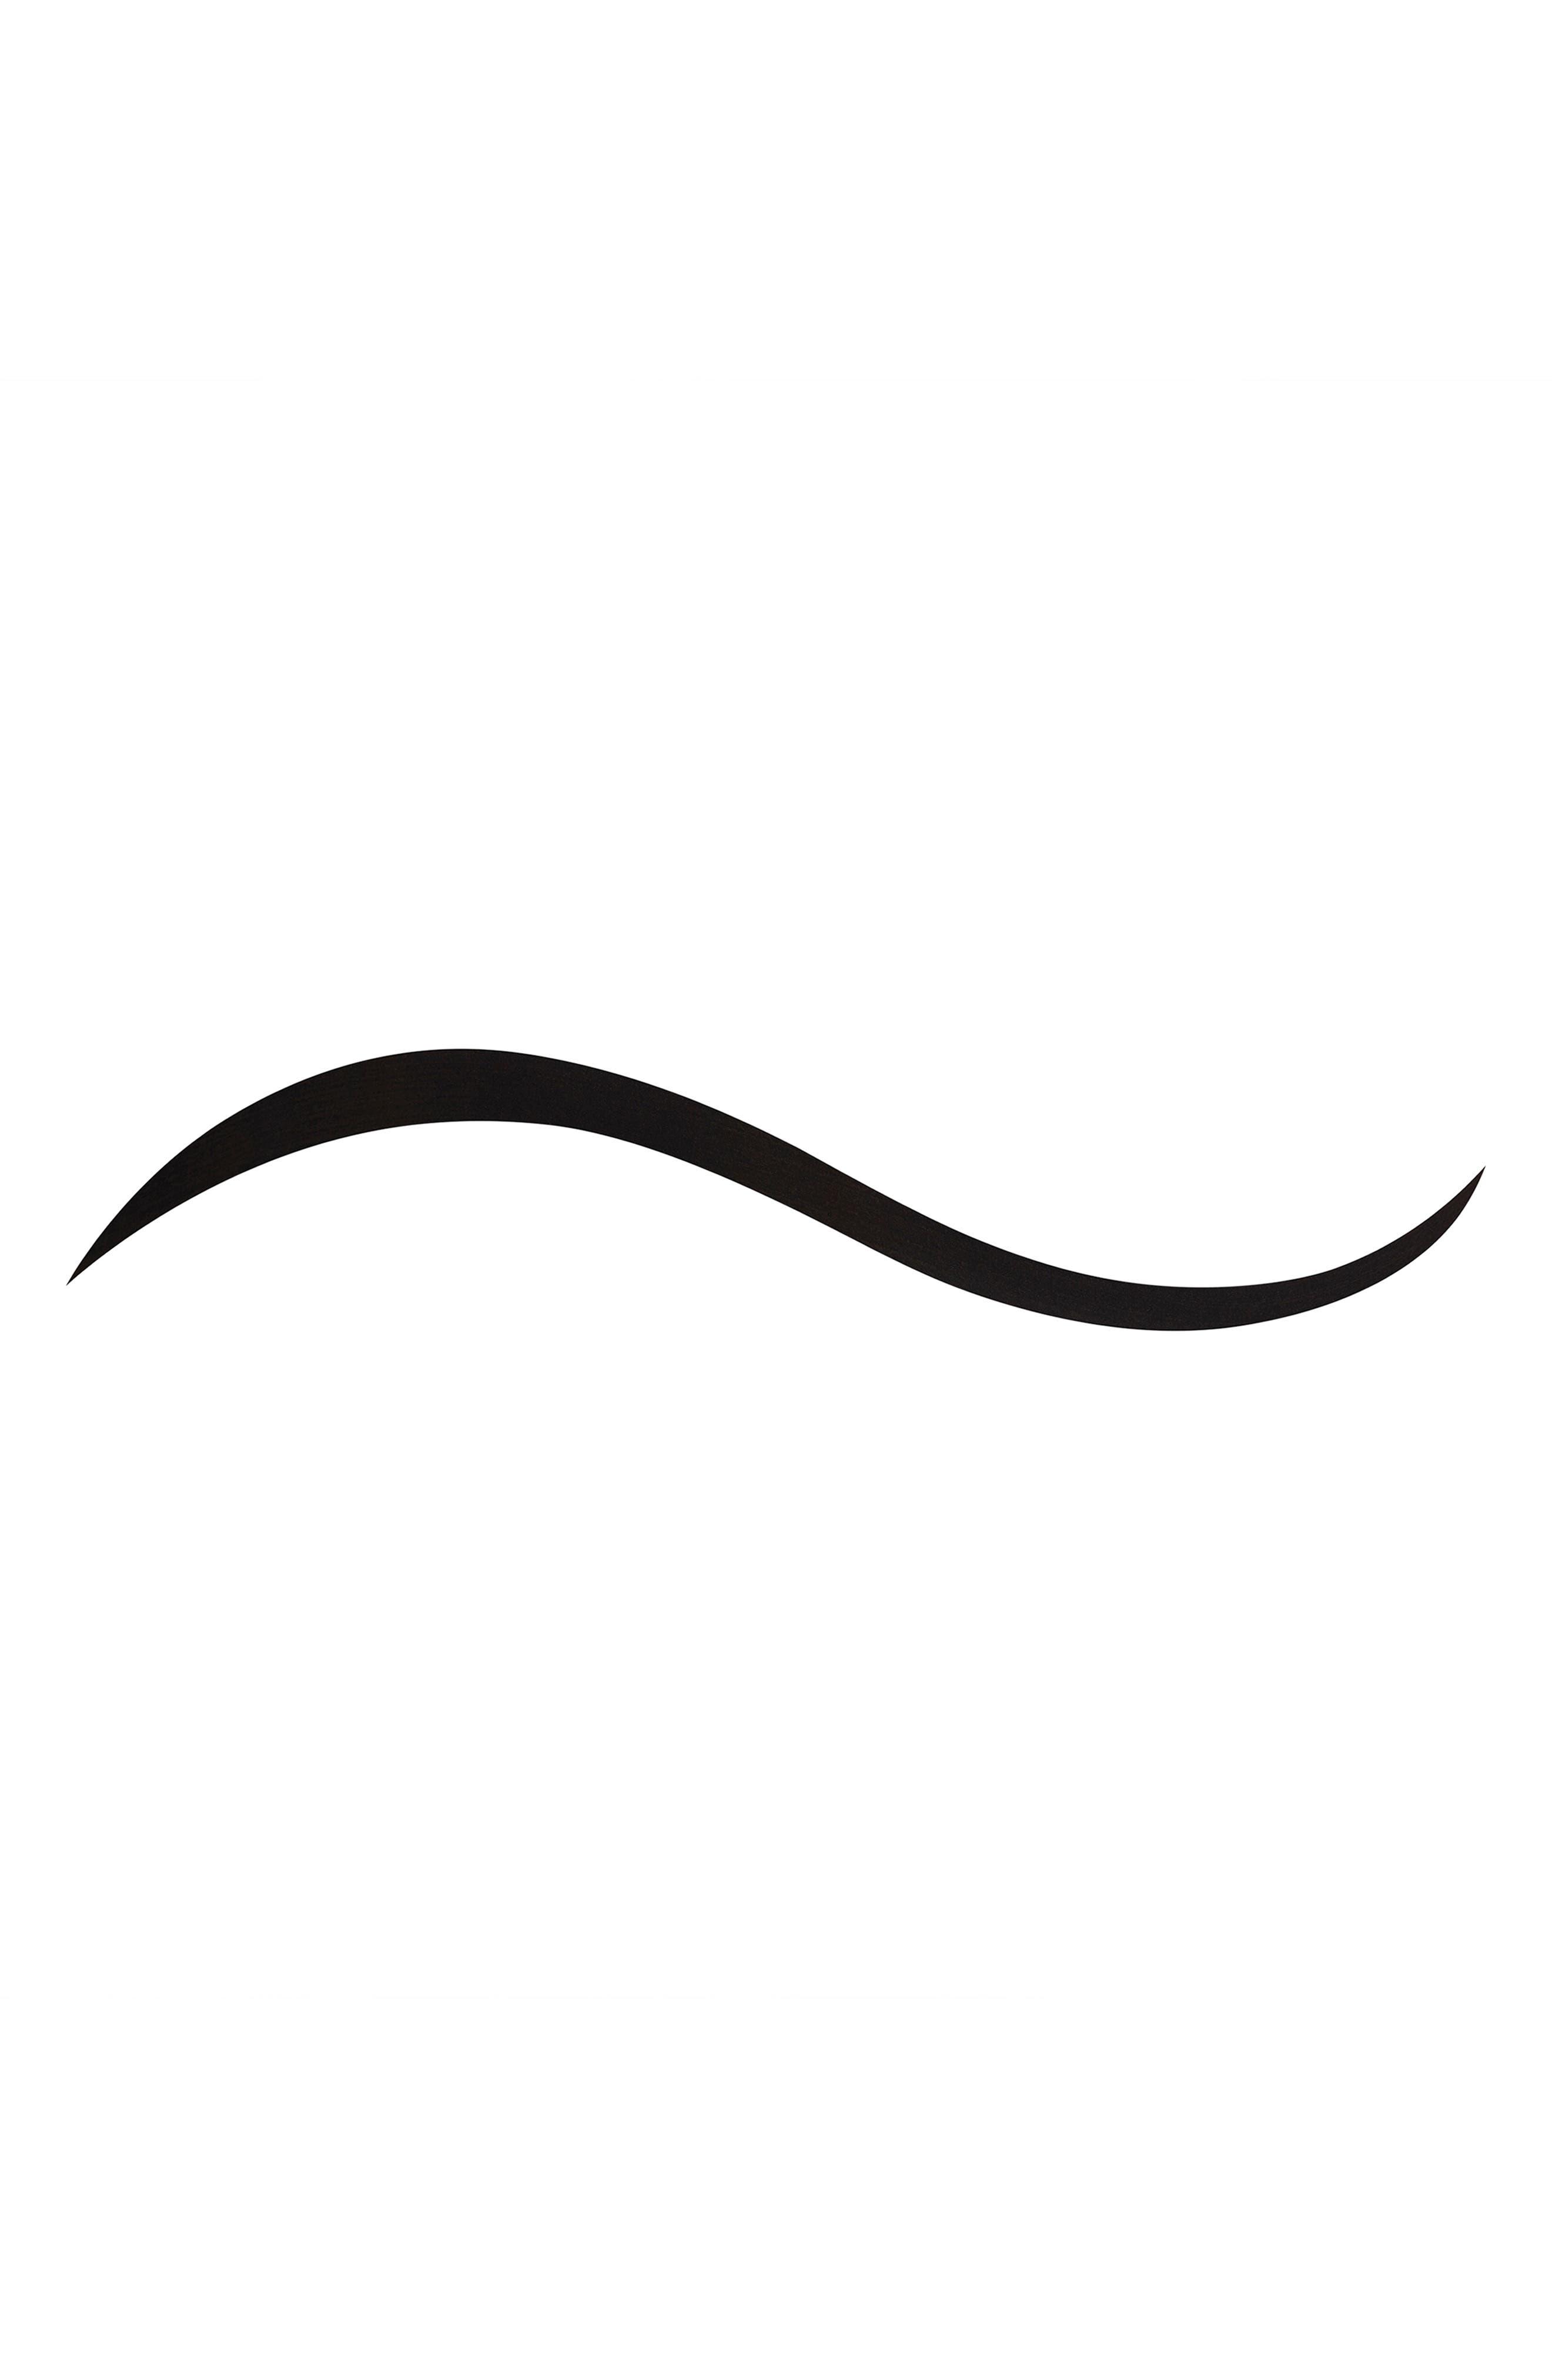 Benefit Roller Liner Matte Liquid Eyeliner,                             Alternate thumbnail 4, color,                             BLACK